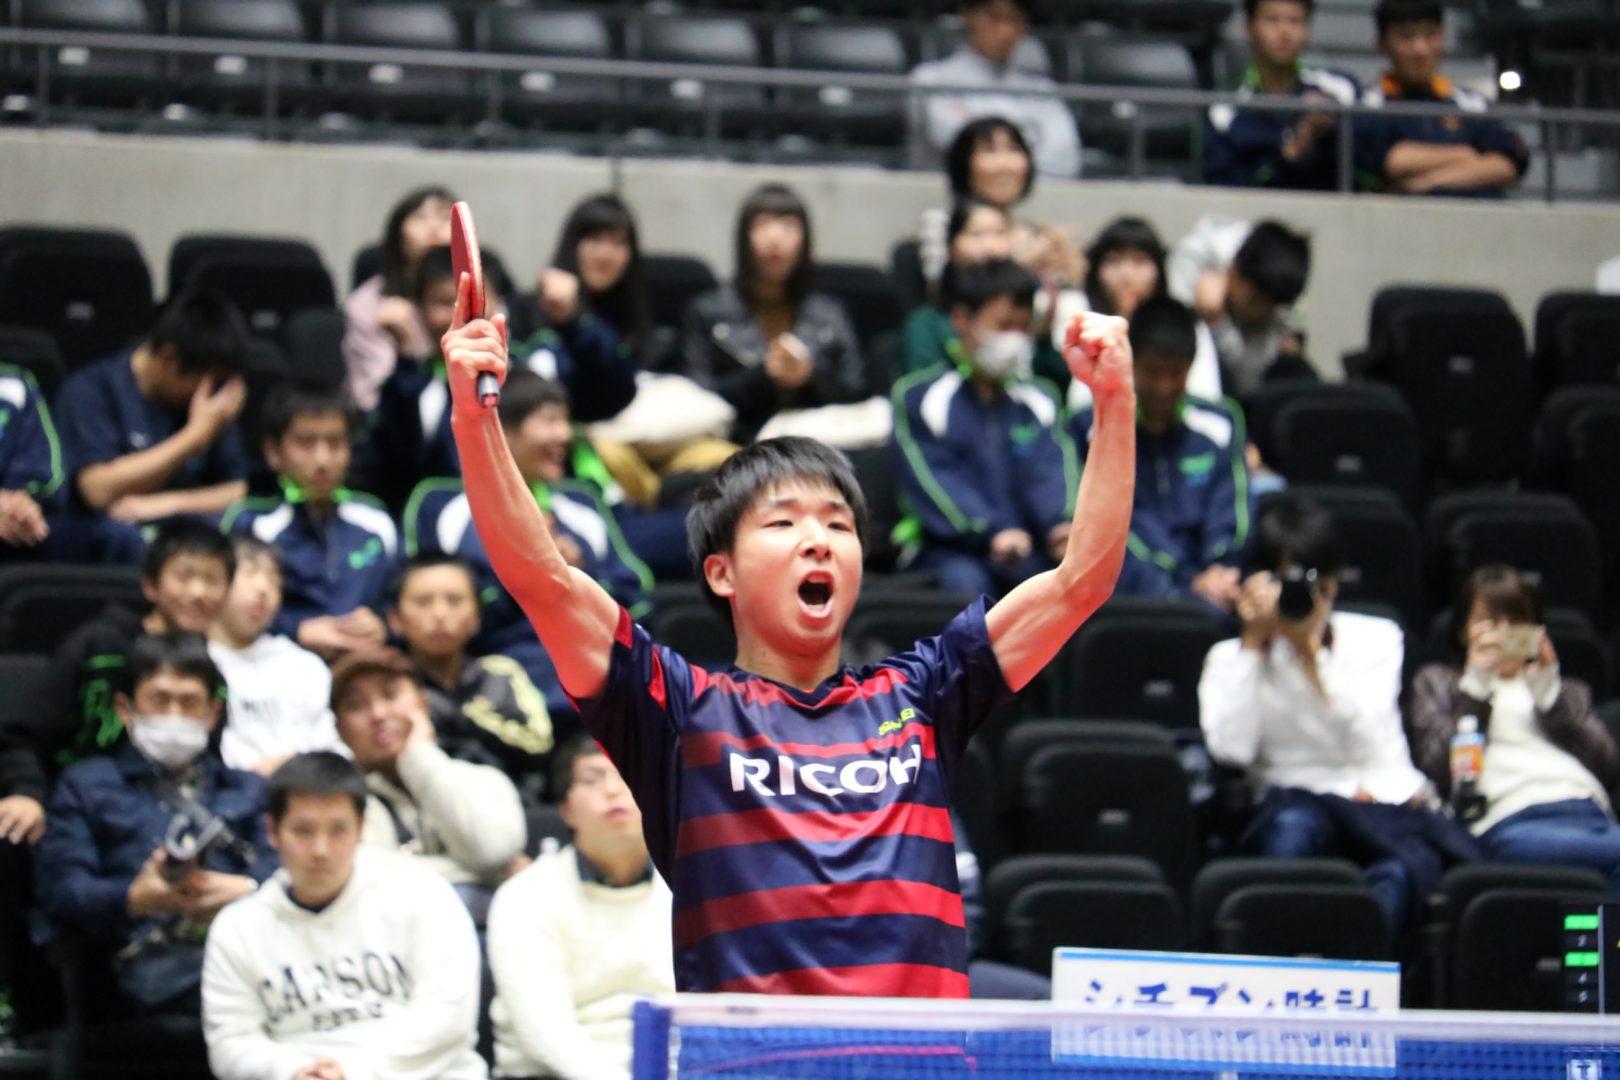 """【卓球】""""守護神"""" 鹿屋がリコーに今年3つ目のタイトルをもたらす<内閣総理大臣杯 日本リーグプレーオフ2018男子>"""